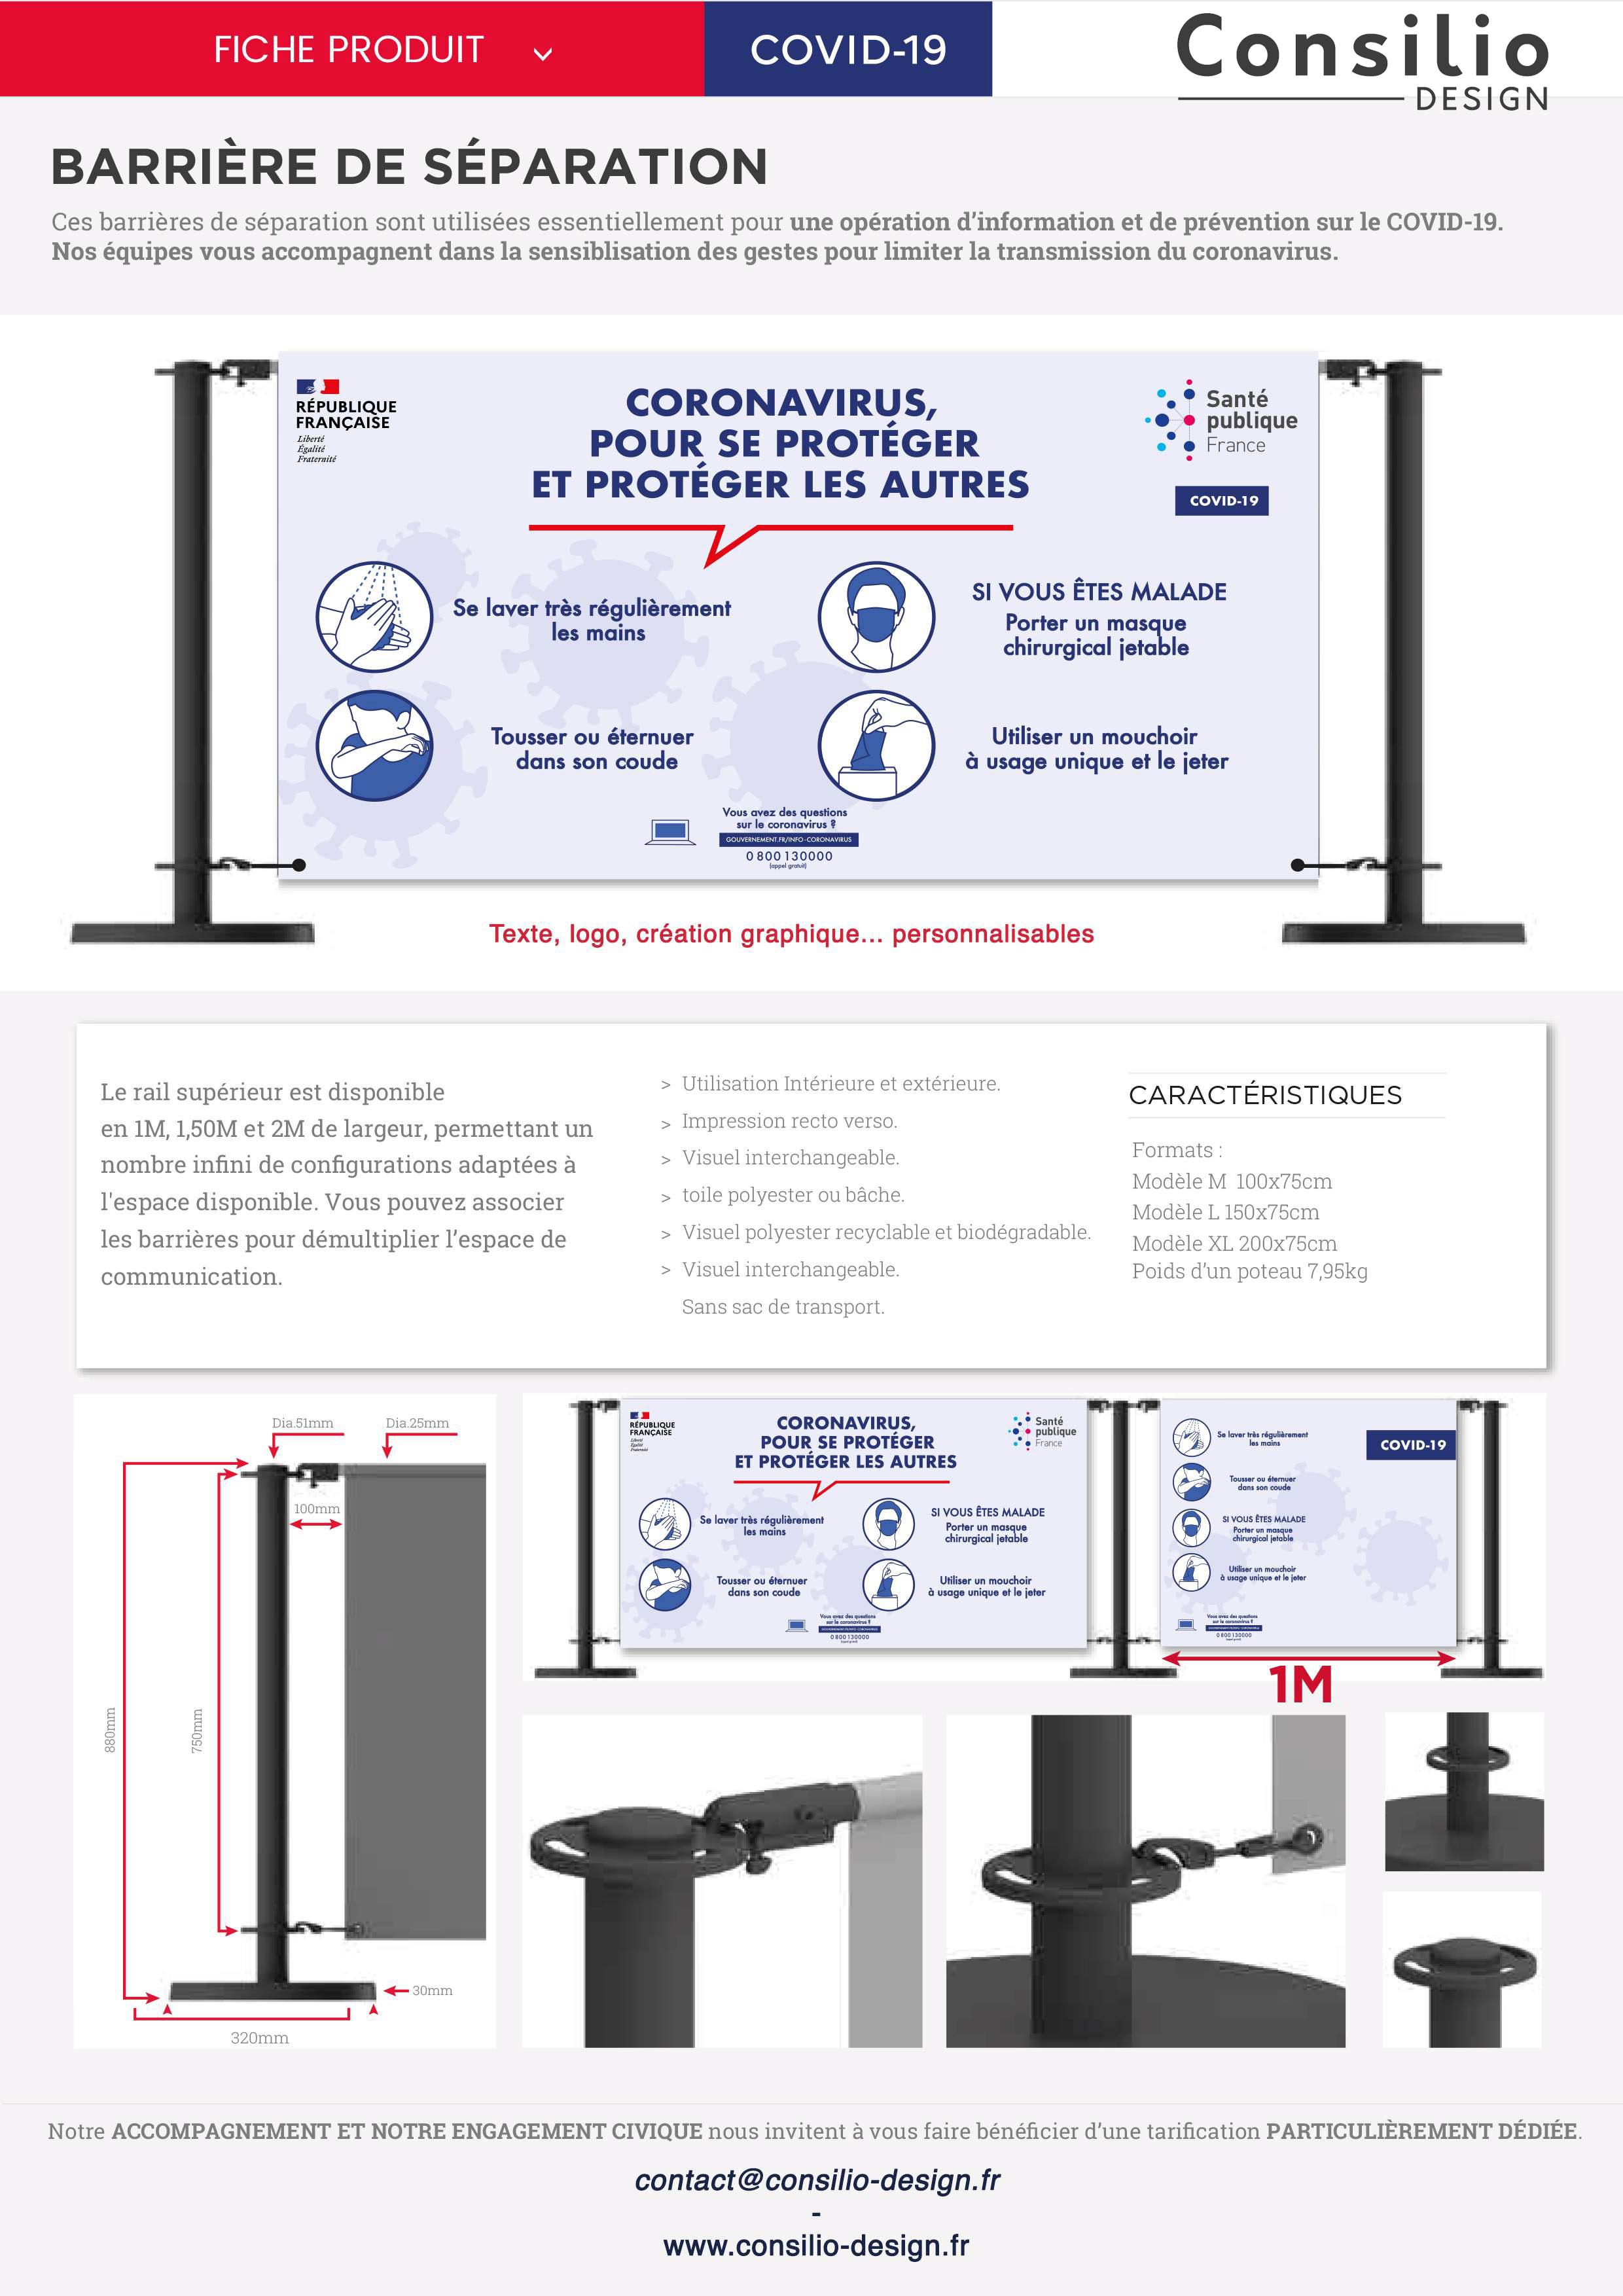 Consilio_Design_BARRIERE_Fiche_Produit_COVID19